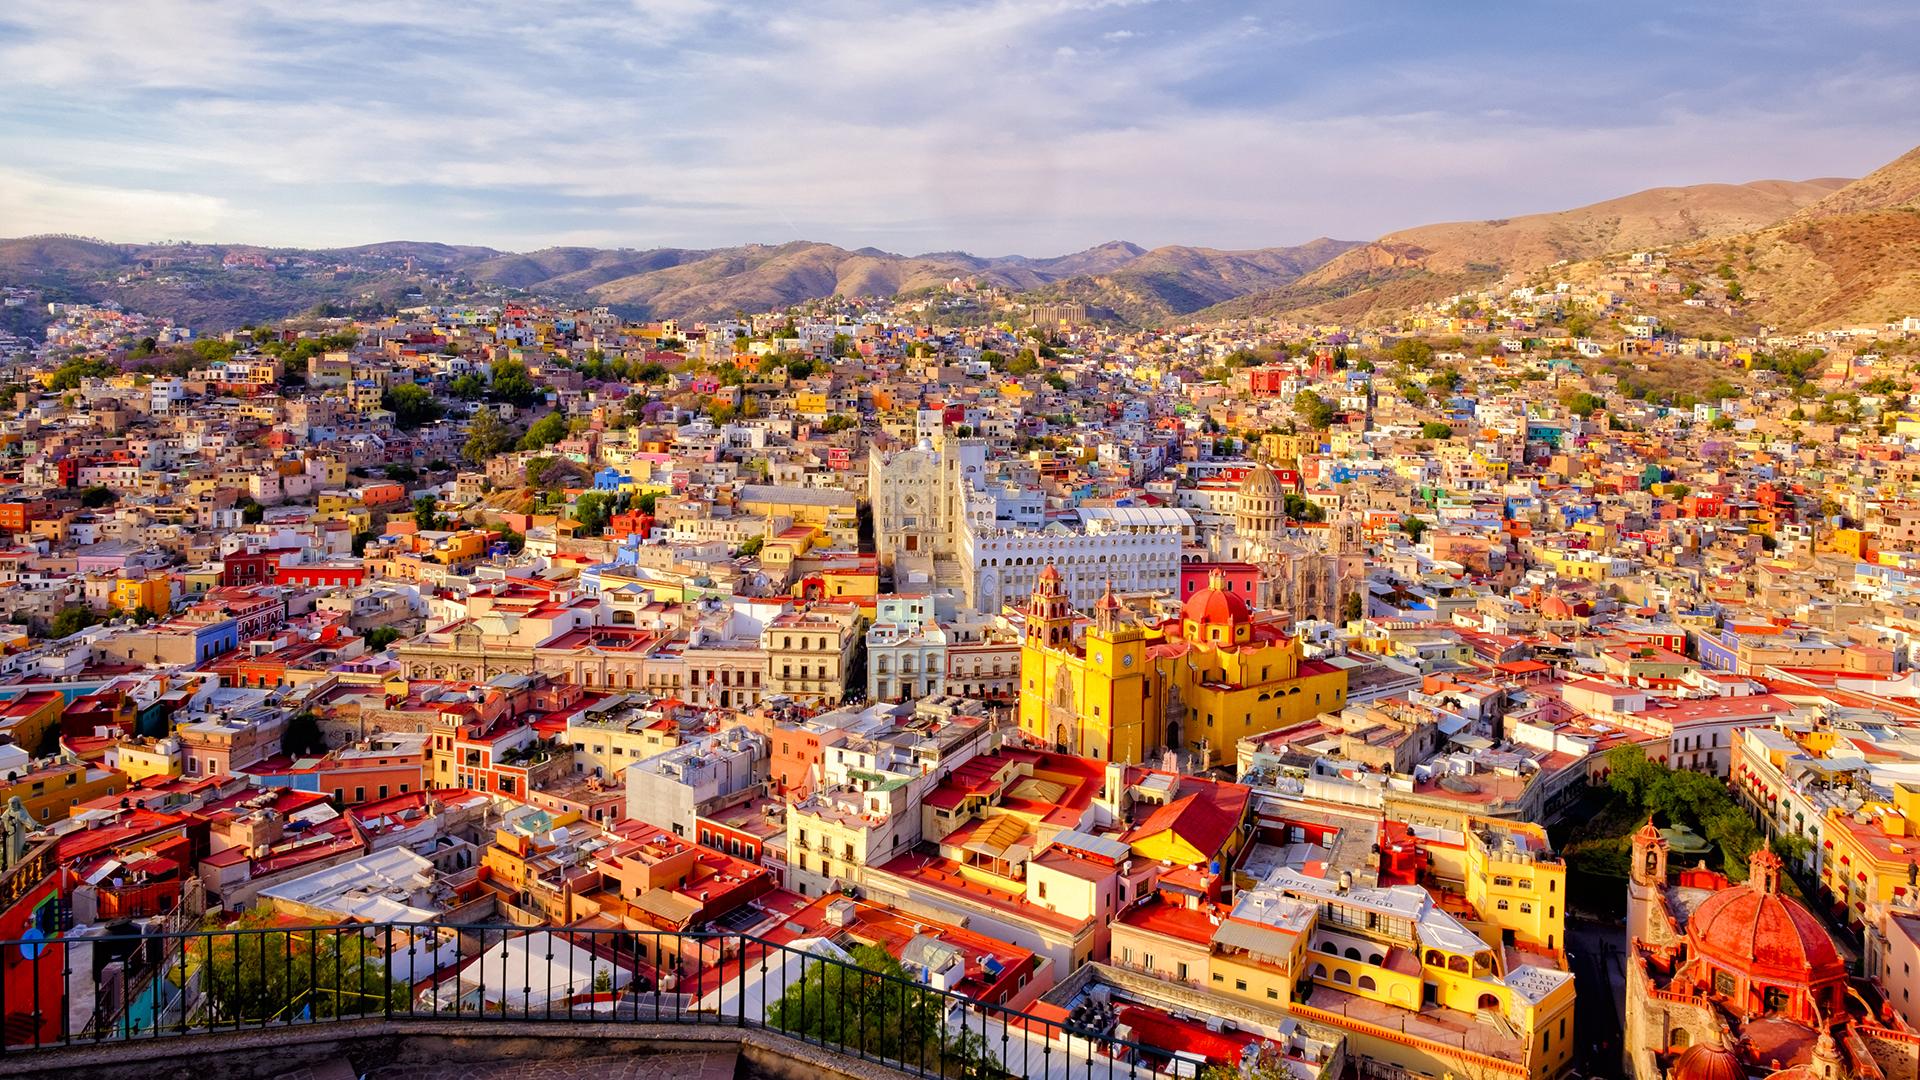 Hogar de 67 parques nacionales, costas y paisajes que van desde desiertos hasta volcanes nevados, México ocupa un lugar destacado en esta lista por muchas razones